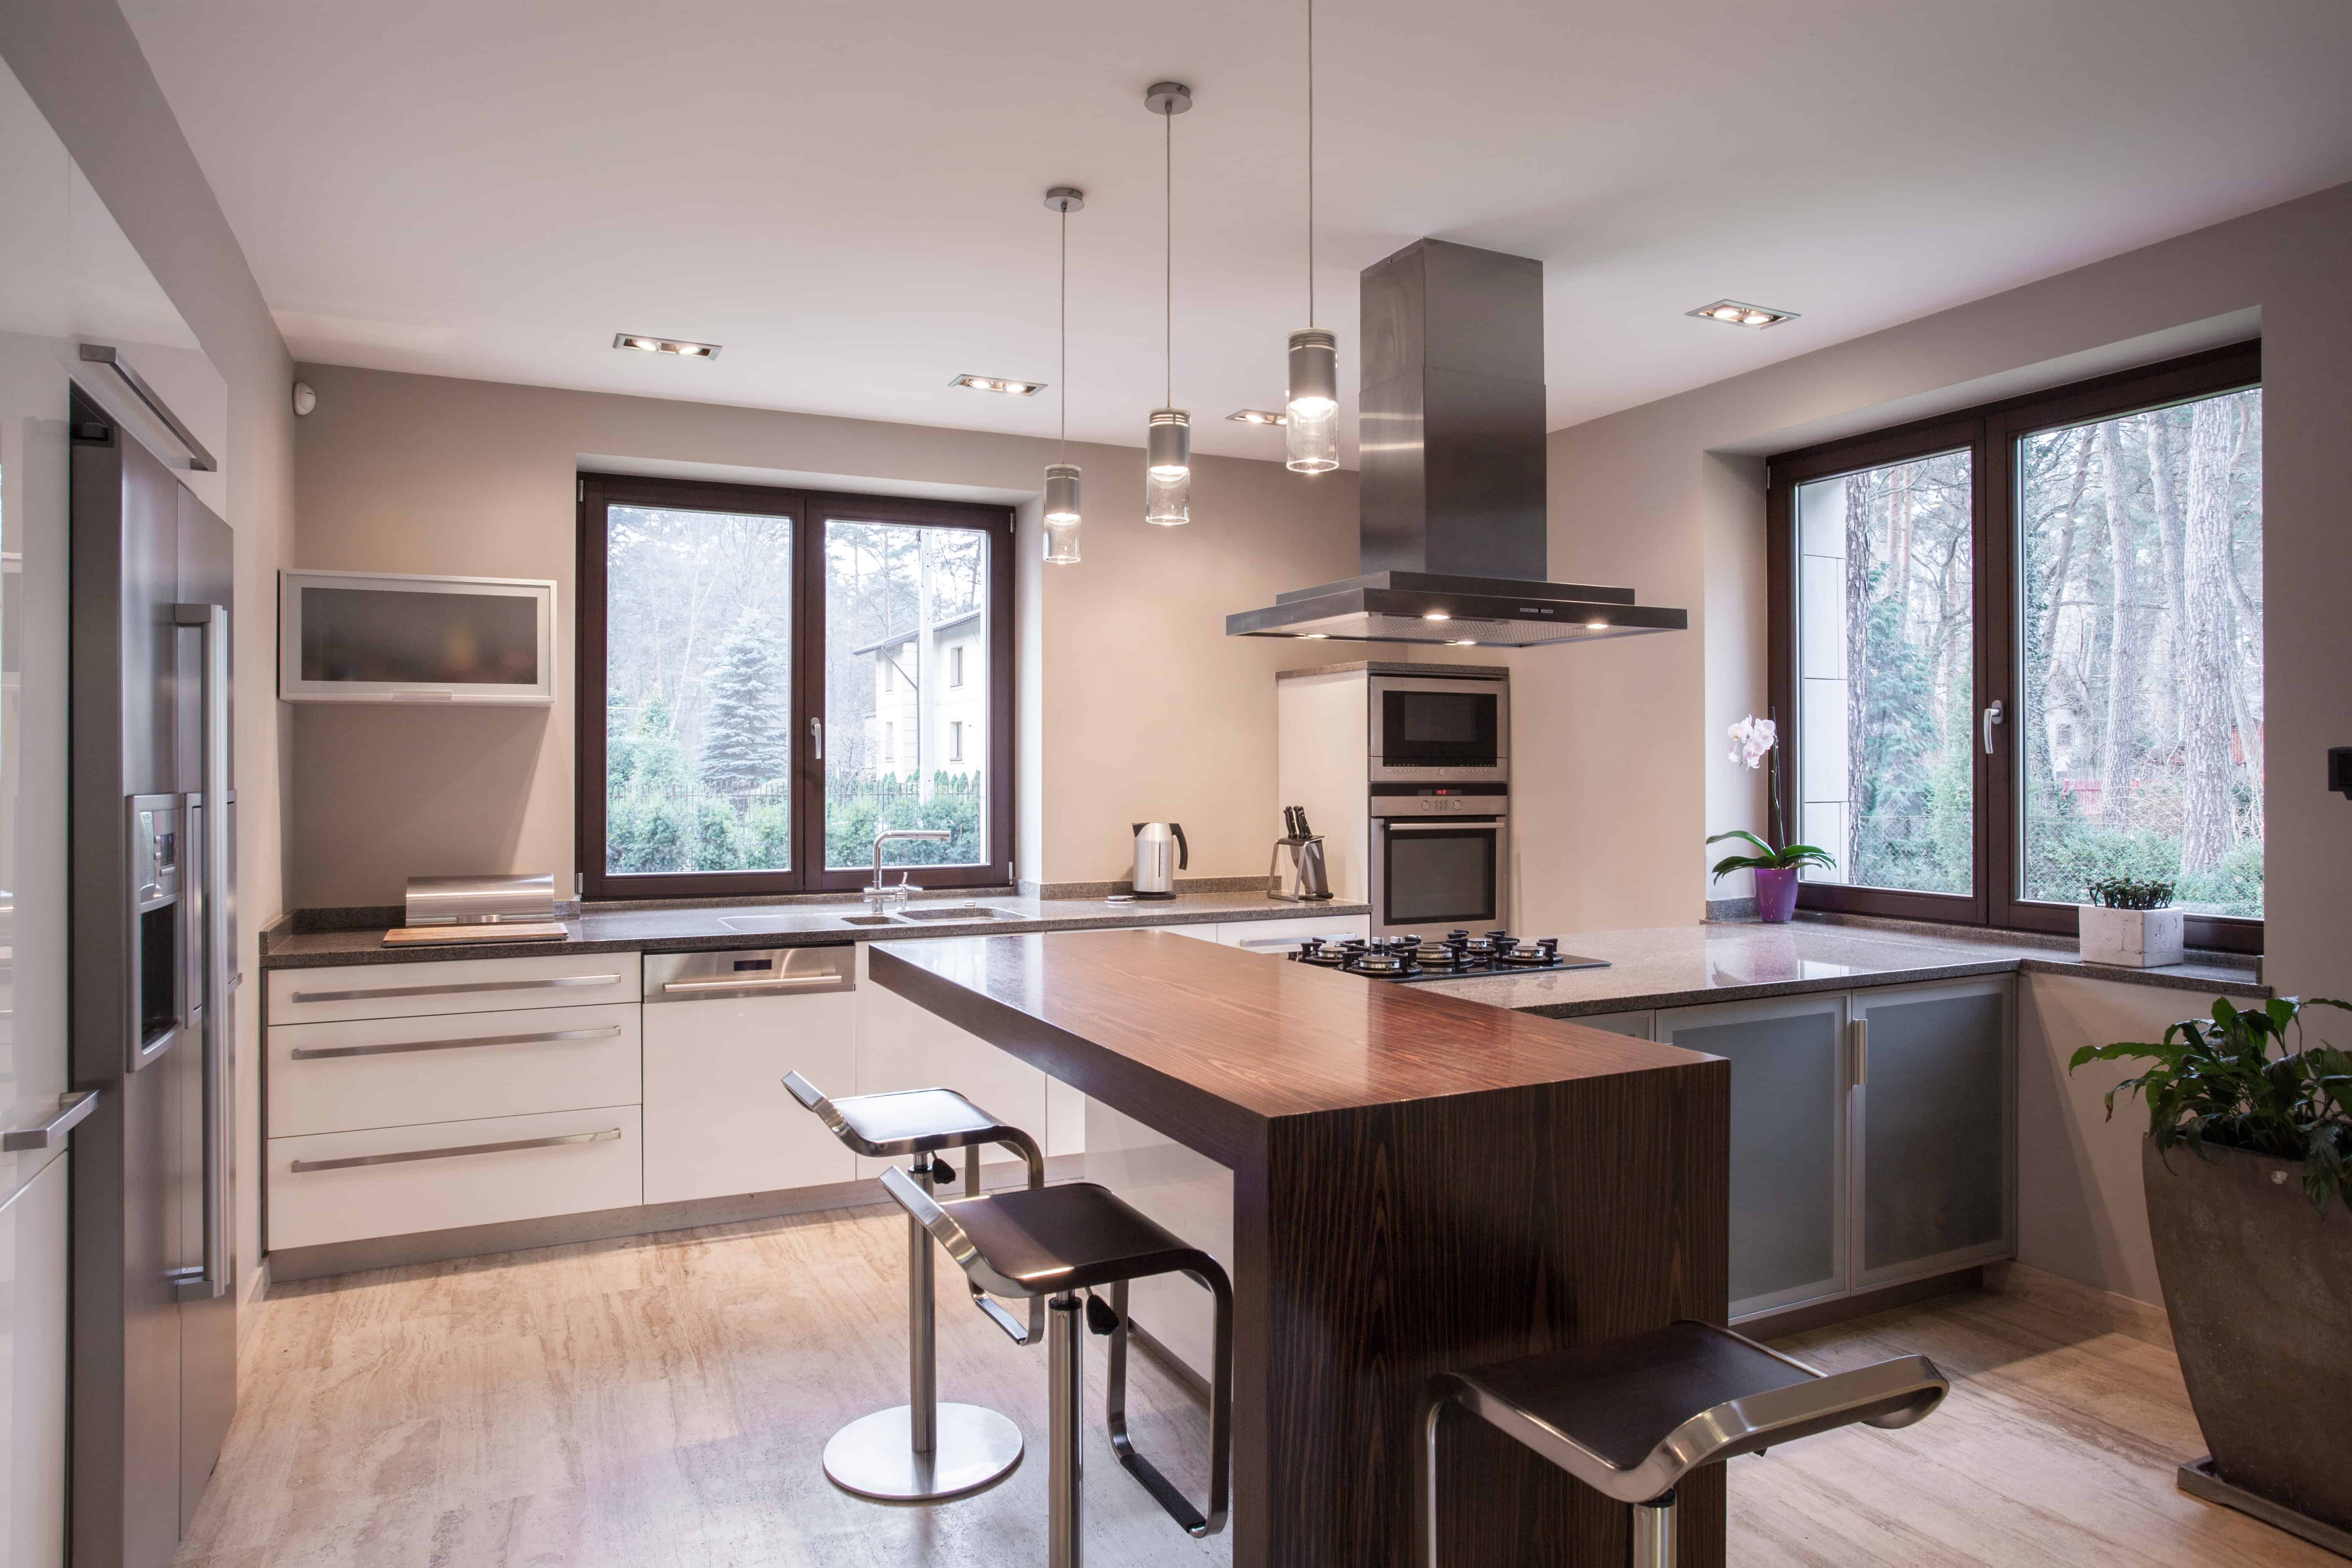 Horizontal view of spacious modern kitchen interior